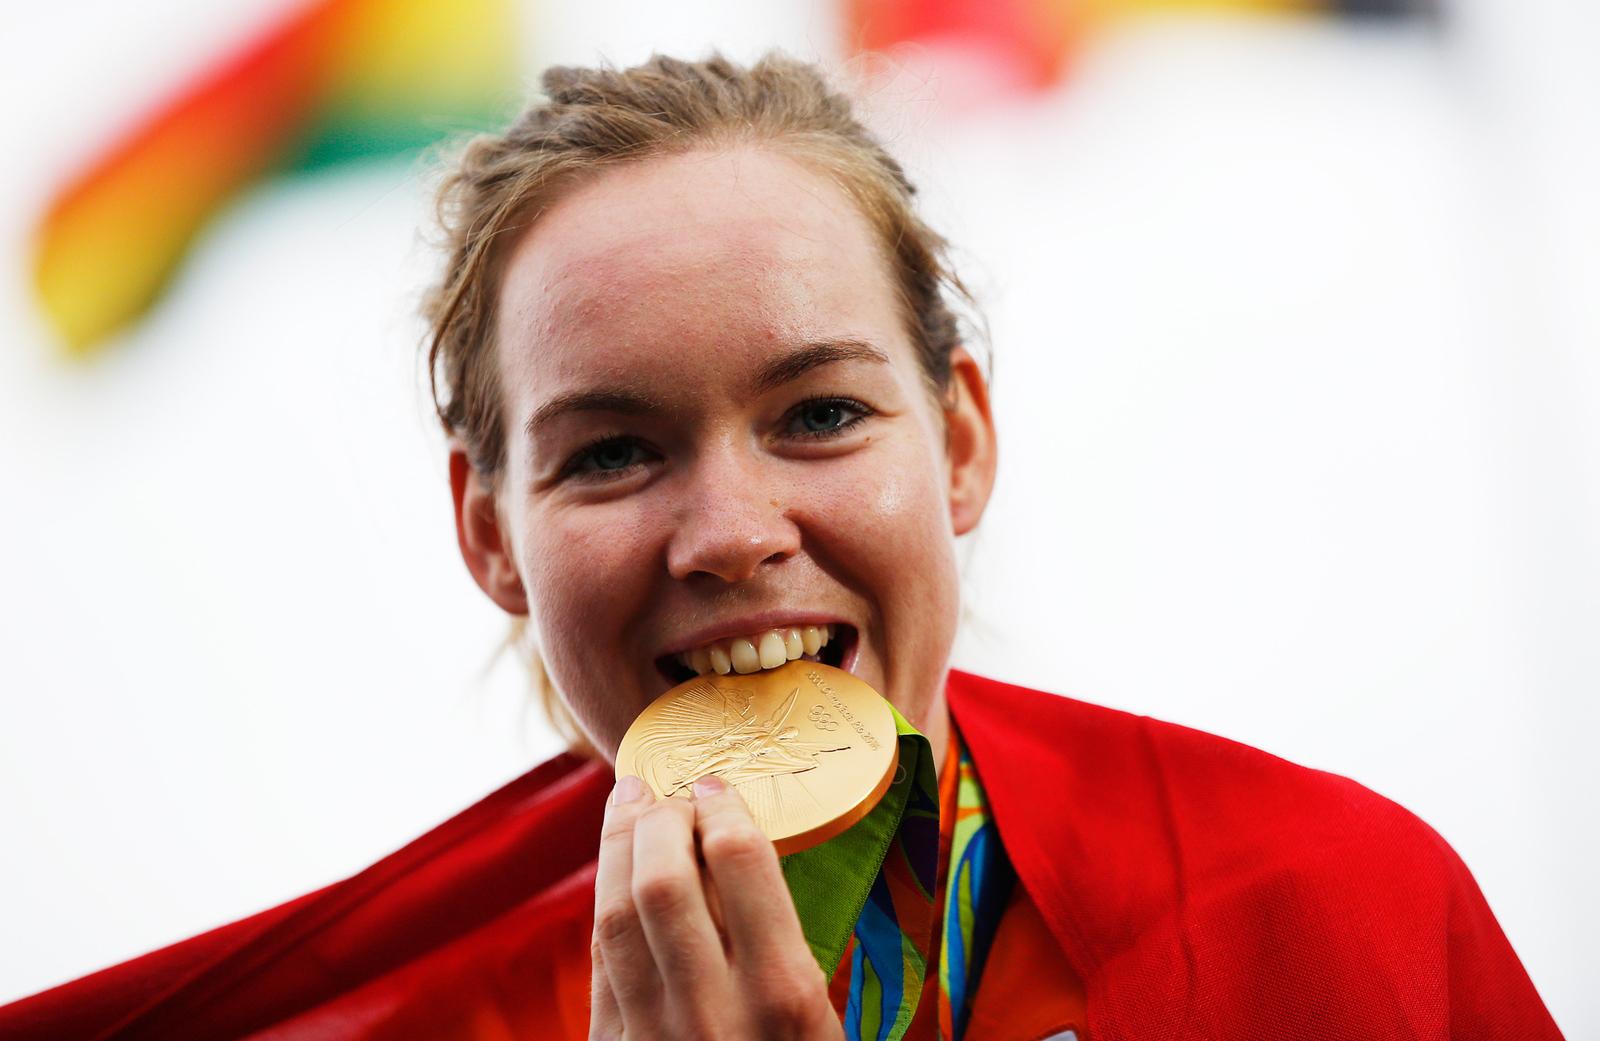 Голландка Анна ван дер Брегген выиграла золото в женской групповой велогонке на шоссе